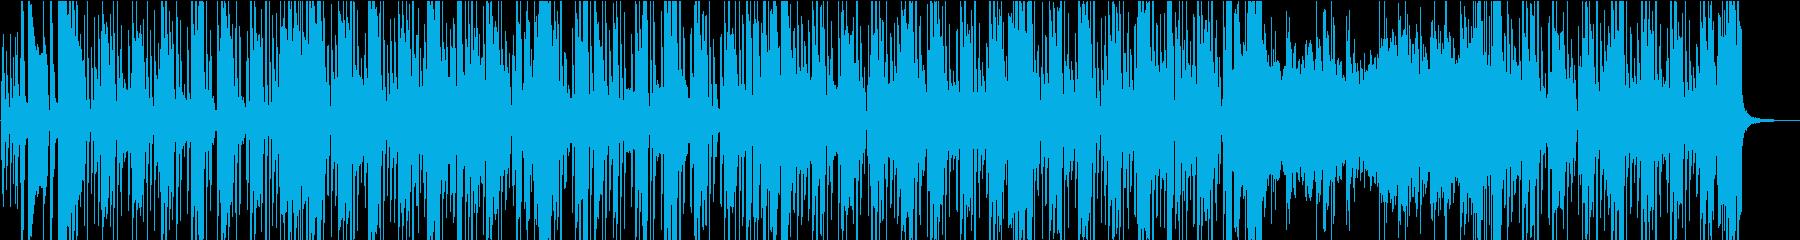 緩やかな軽快さのレゲエトラックの再生済みの波形